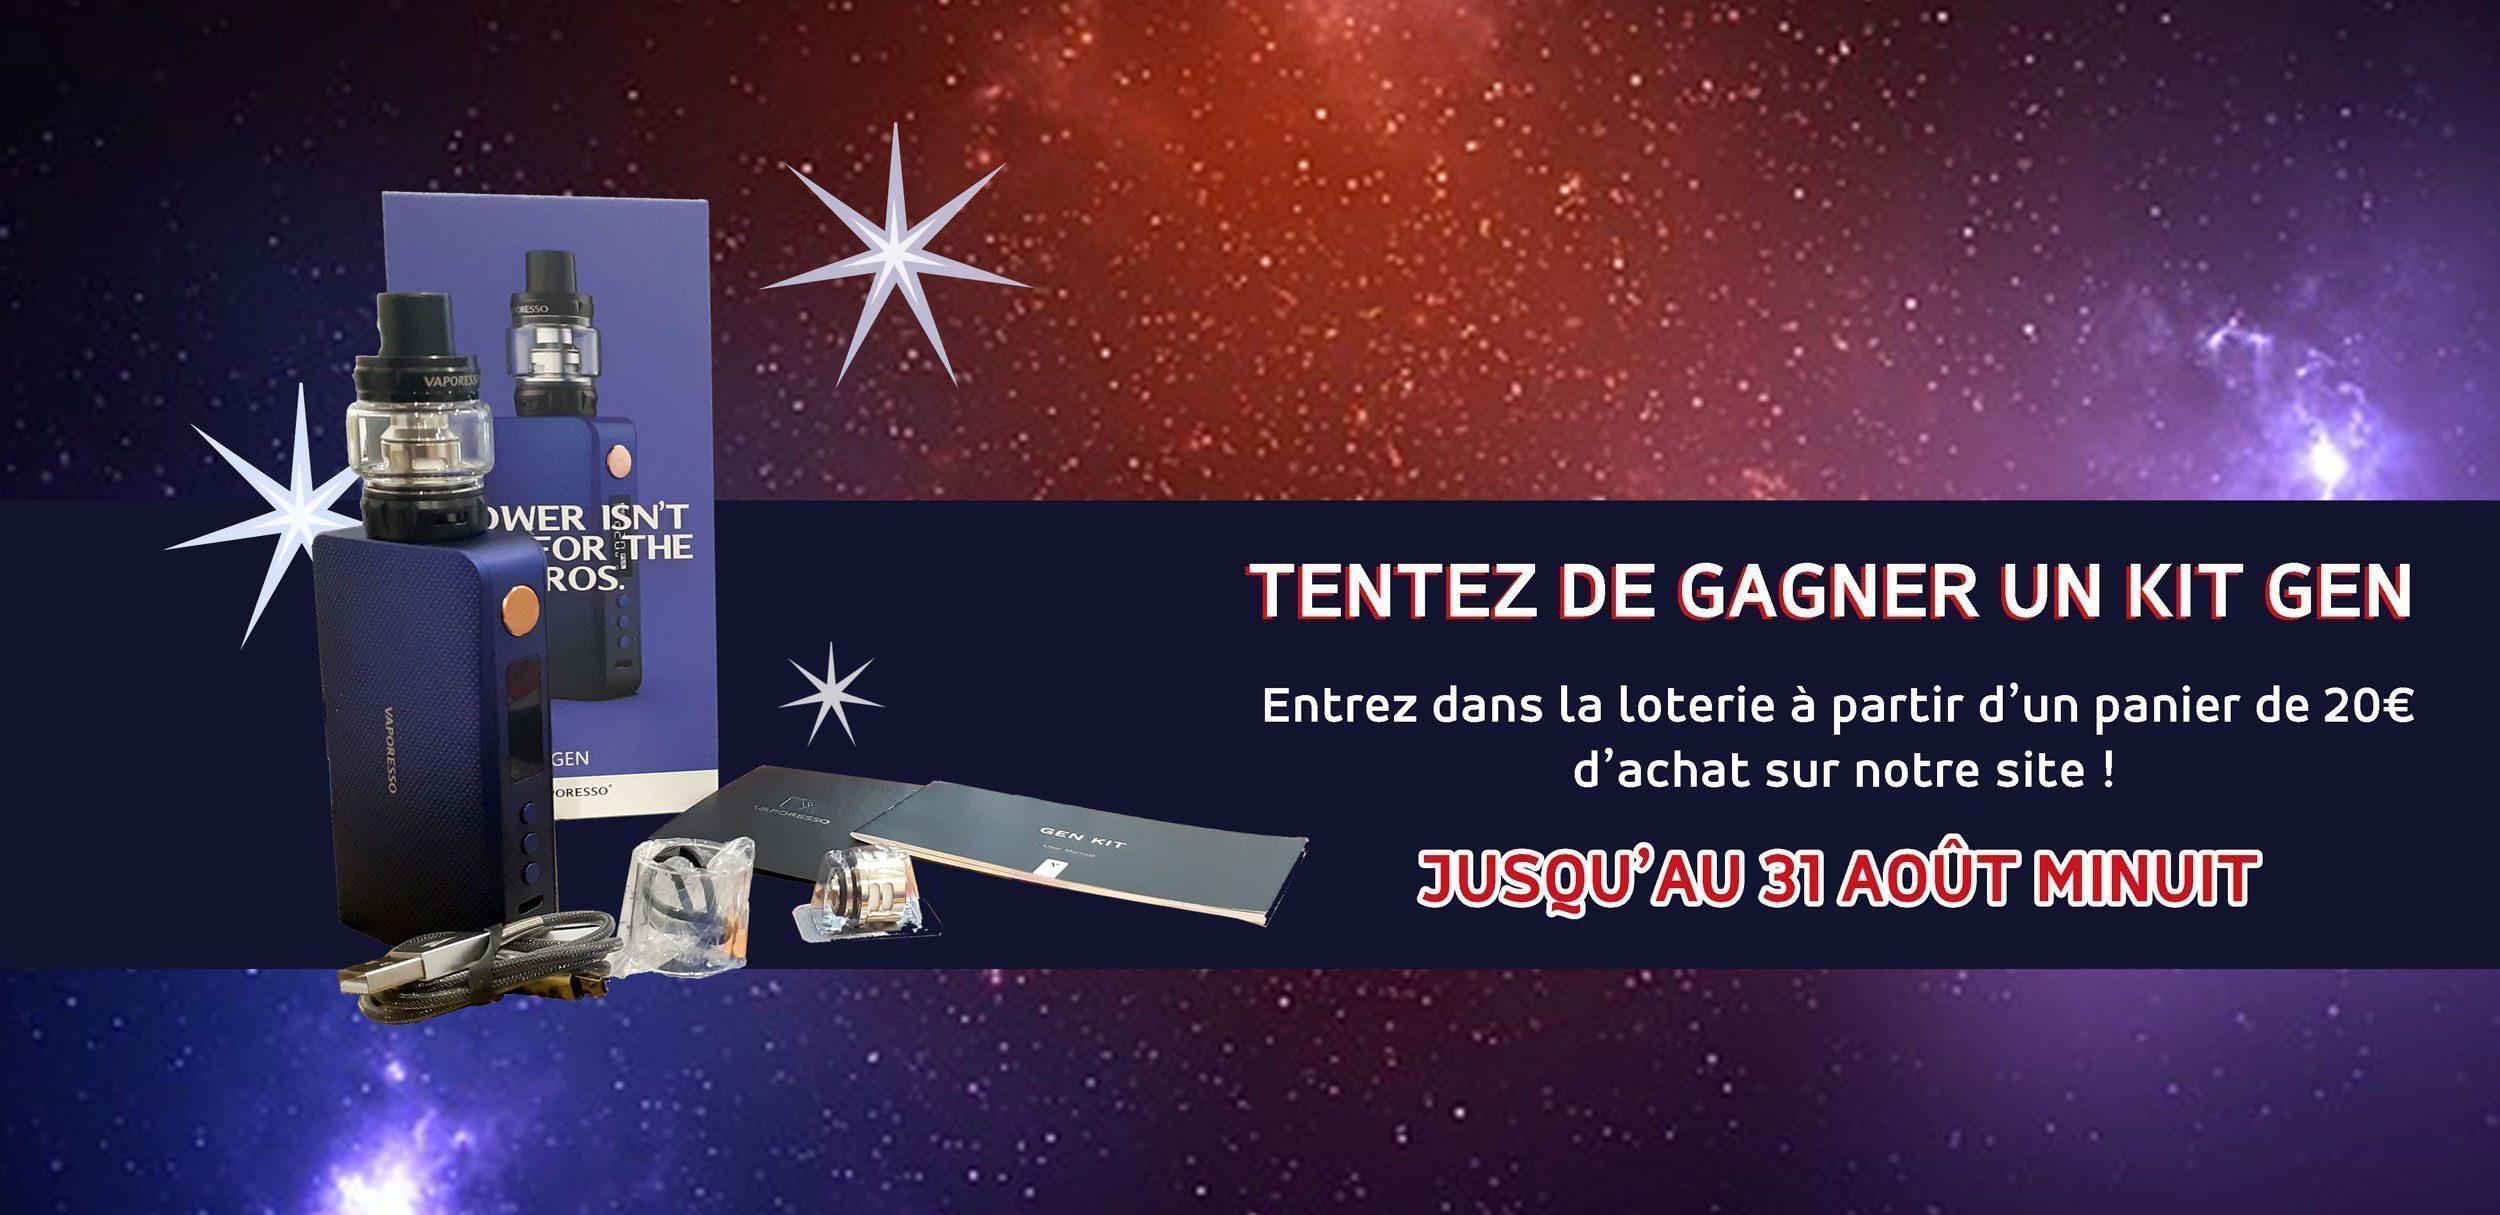 Gagnez un kit gen avec Ciga France